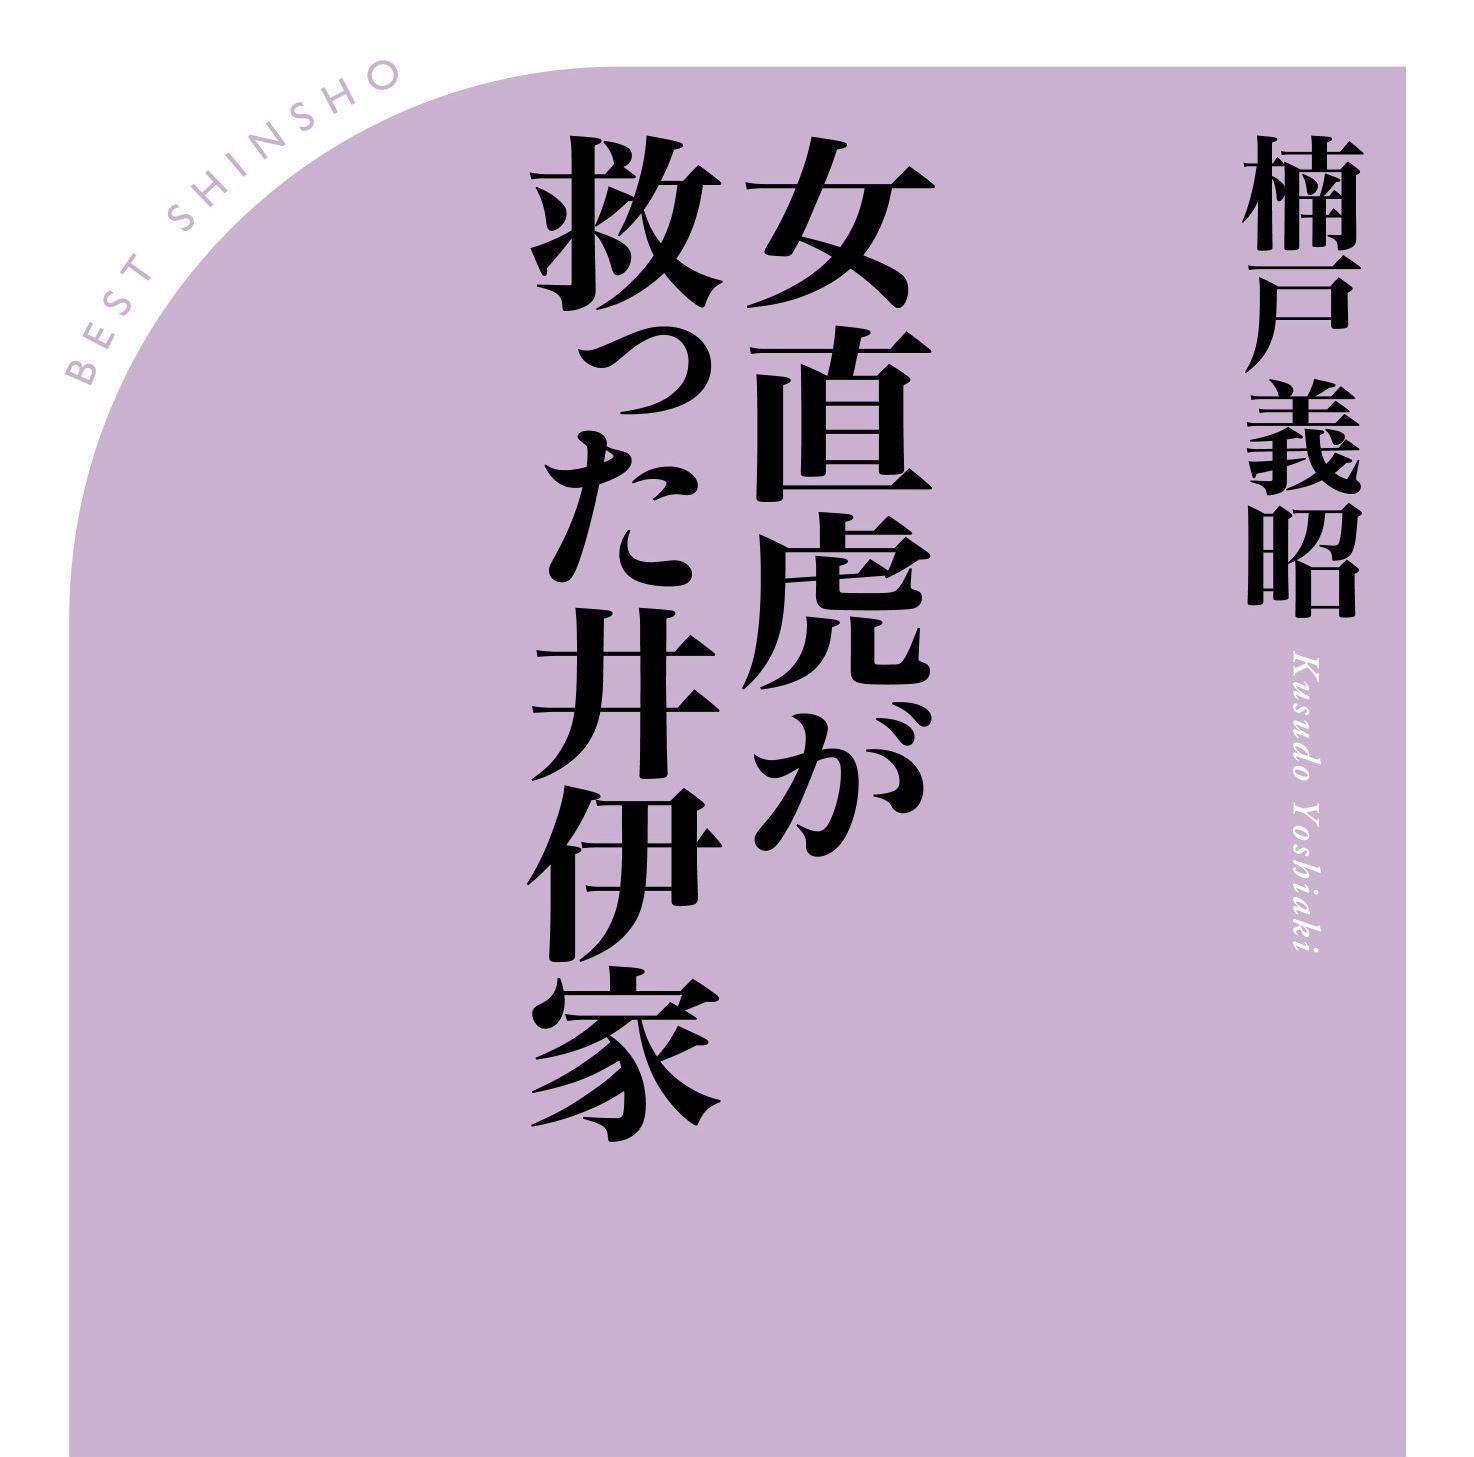 柴咲コウ主演2017年大河ドラマ『おんな城主 直虎』の予習にぴったり!井伊直虎の一生が学べる新書が登場!